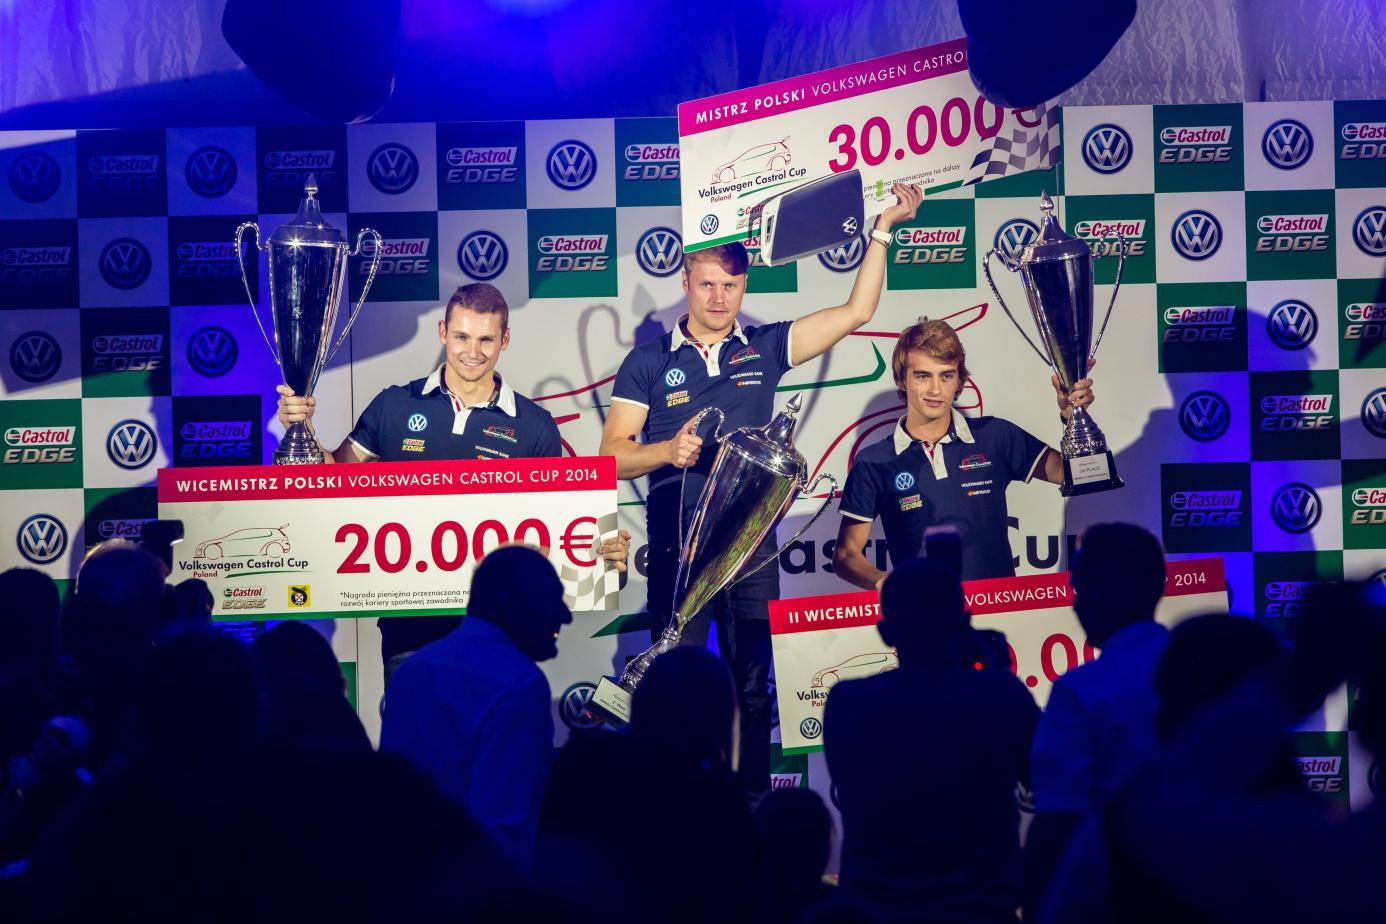 Wielka radość i fundusze na dalszy rozwój kariery. Wszystko do dzięki Volkswagen Castrol Cup.